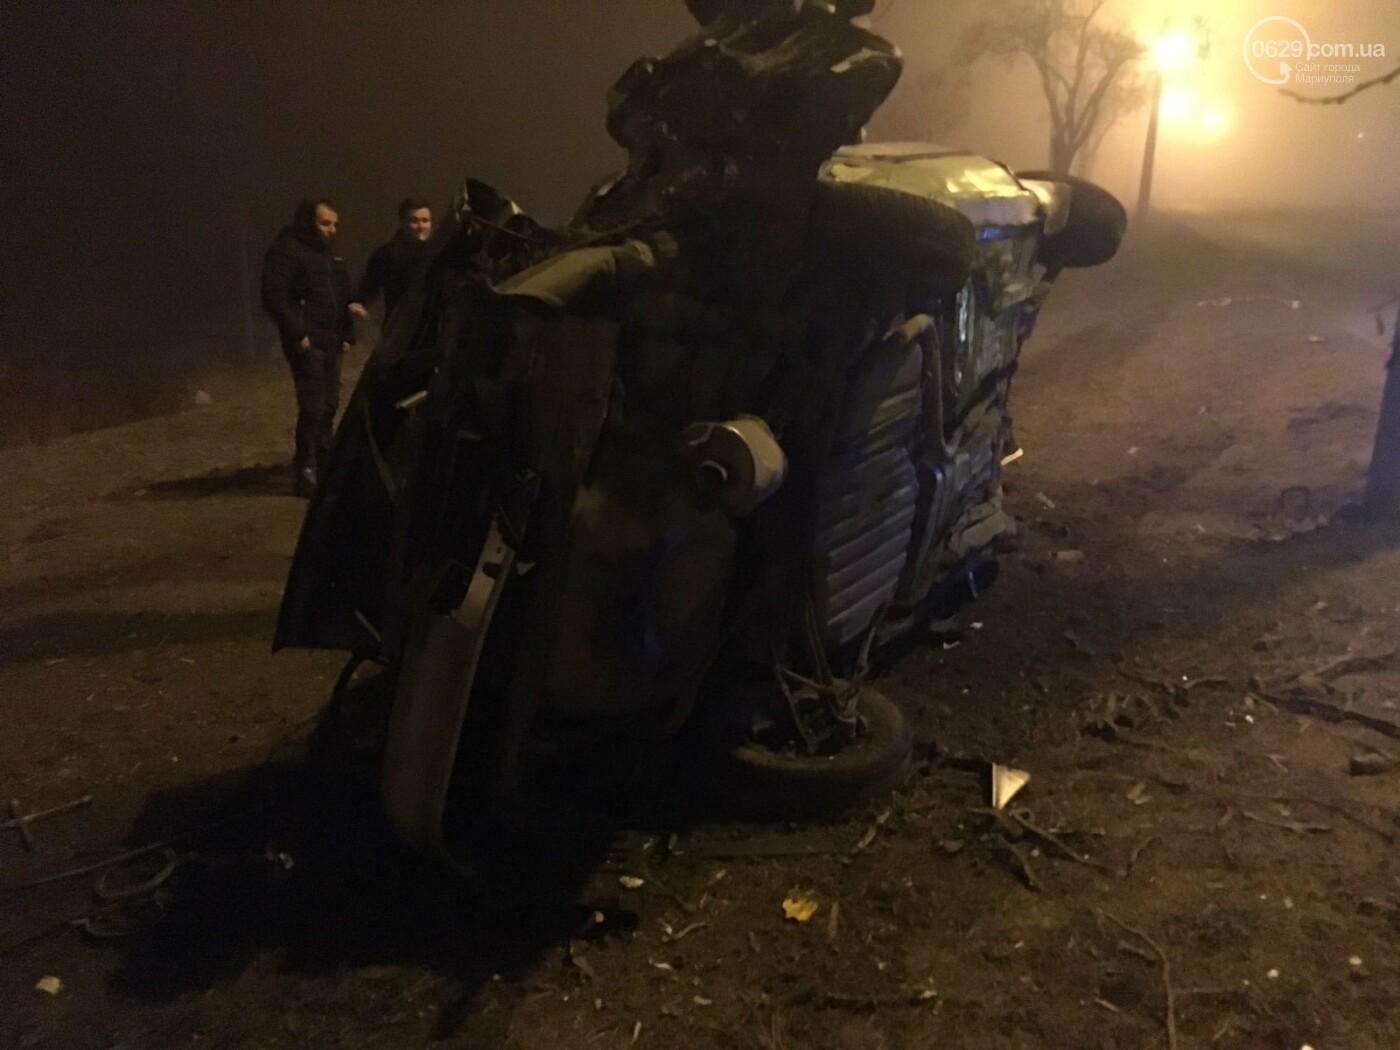 Жуткая авария на Левобережье Мариуполя. Пострадали четверо человек, - ФОТО, фото-3